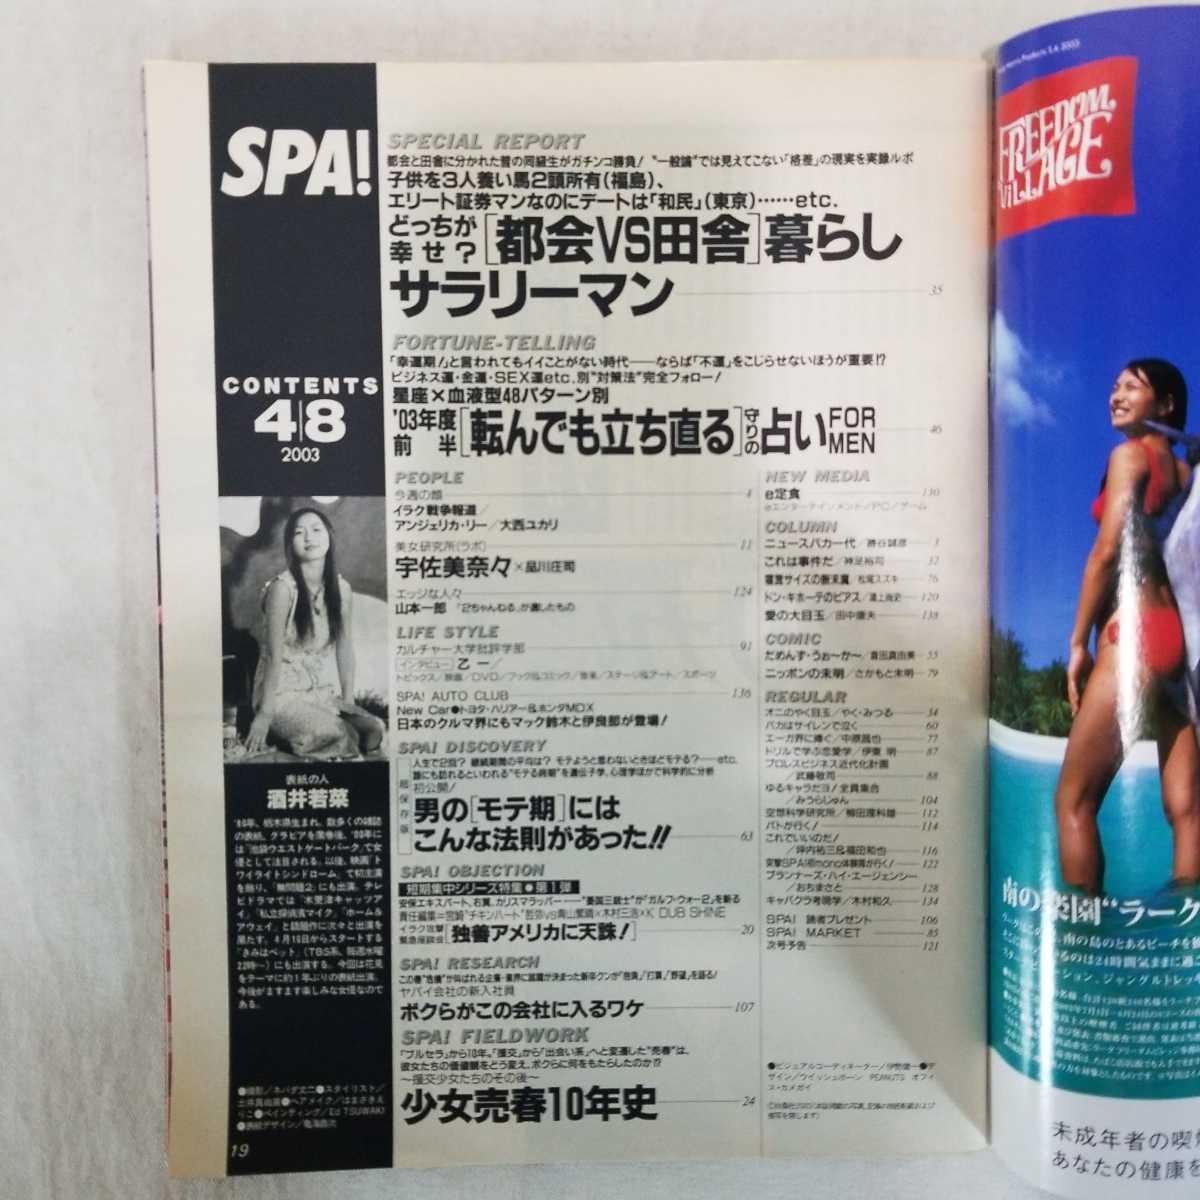 週刊スパ SPA! 2003年4月号 [都会vs田舎]暮らしサラリーマン 男の[モテ期]にこんな法則があった!!  宇佐美奈々 _画像2